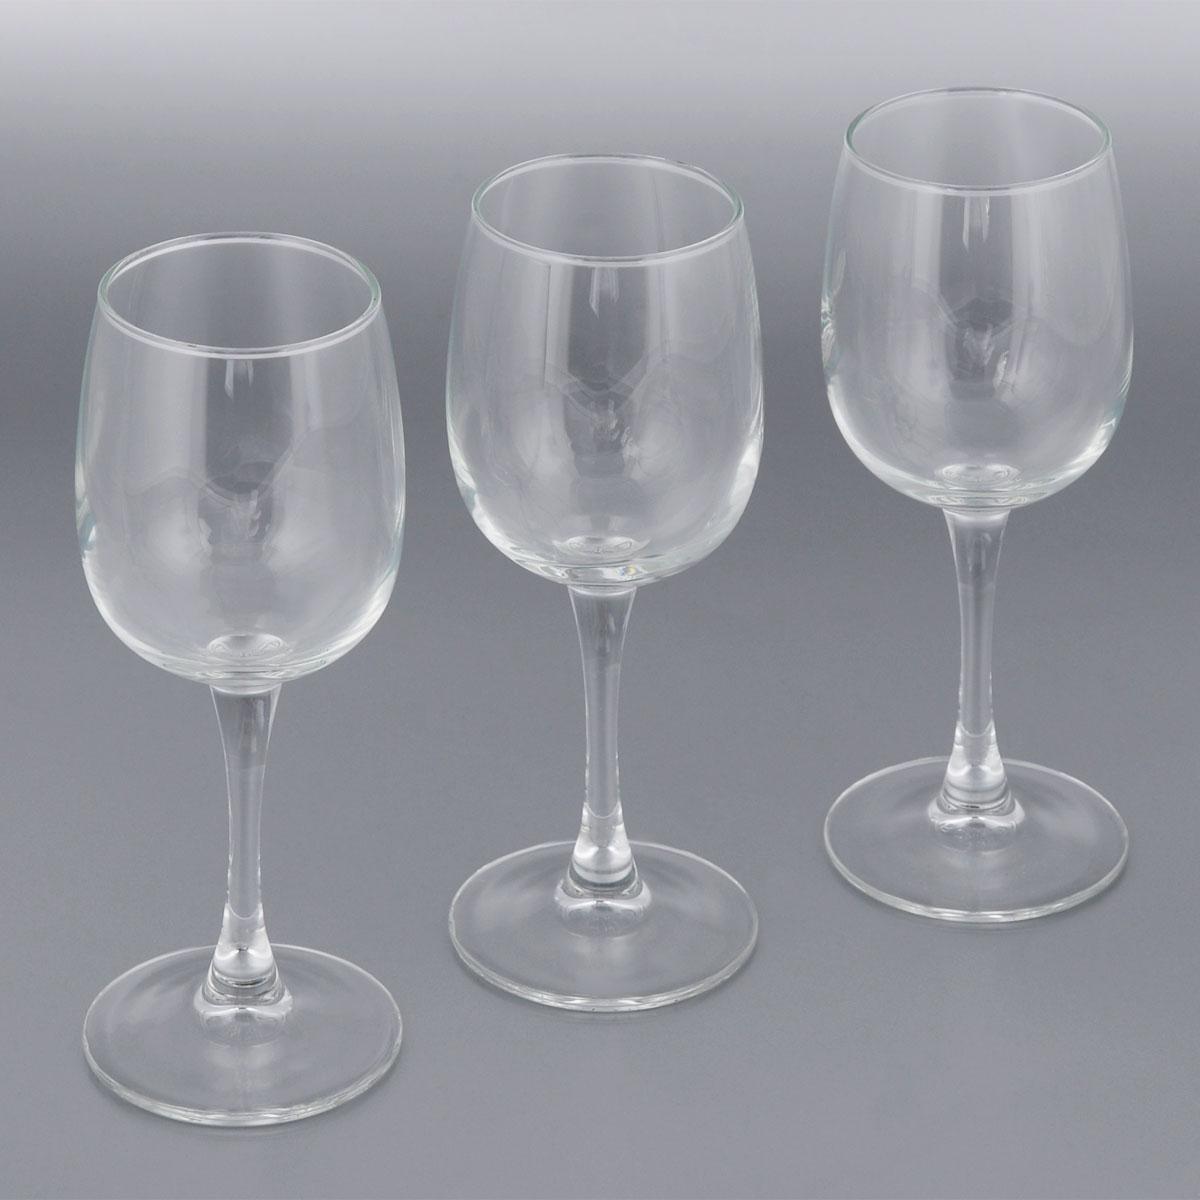 Набор фужеров для вина Luminarc Allegresse, 230 мл, 3 штL1027Набор Luminarc Allegresse состоит из трех классических фужеров, выполненных из прочного стекла. Изделия оснащены высокими ножками и предназначены для подачи вина. Они сочетают в себе элегантный дизайн и функциональность. Благодаря такому набору пить напитки будет еще вкуснее.Набор фужеров Allegresse прекрасно оформит праздничный стол и создаст приятную атмосферу за романтическим ужином. Такой набор также станет хорошим подарком к любому случаю.Можно мыть в посудомоечной машине.Диаметр фужера (по верхнему краю): 5,8 см. Высота фужера: 18,2 см.